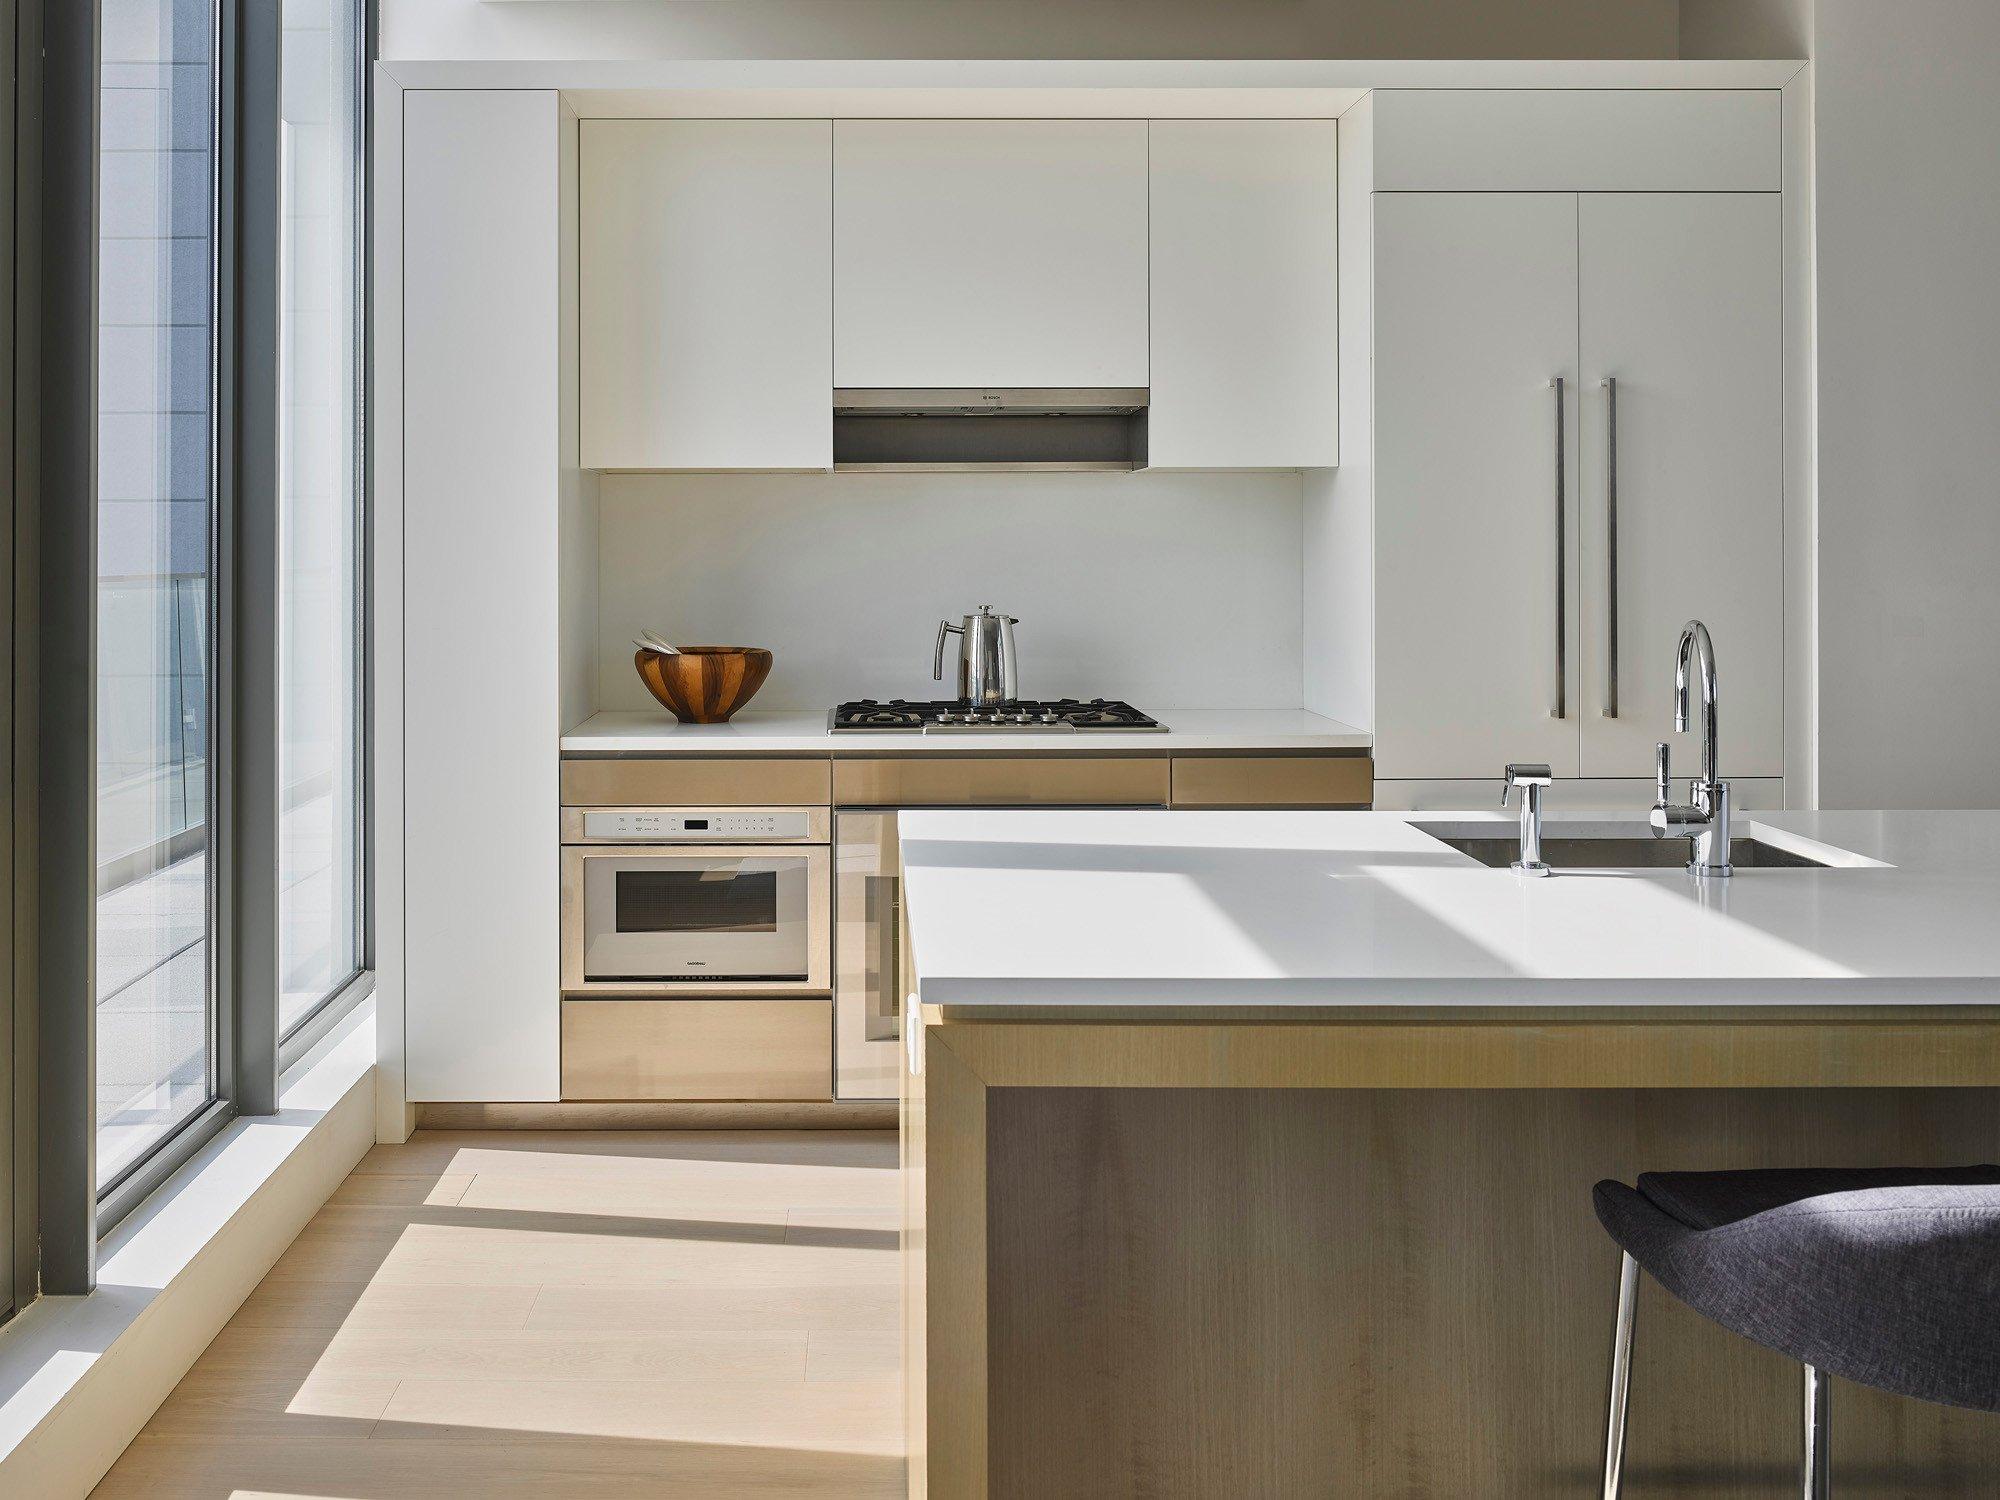 wohngeb ude 251 first street in new york flachdach wohnen baunetz wissen. Black Bedroom Furniture Sets. Home Design Ideas